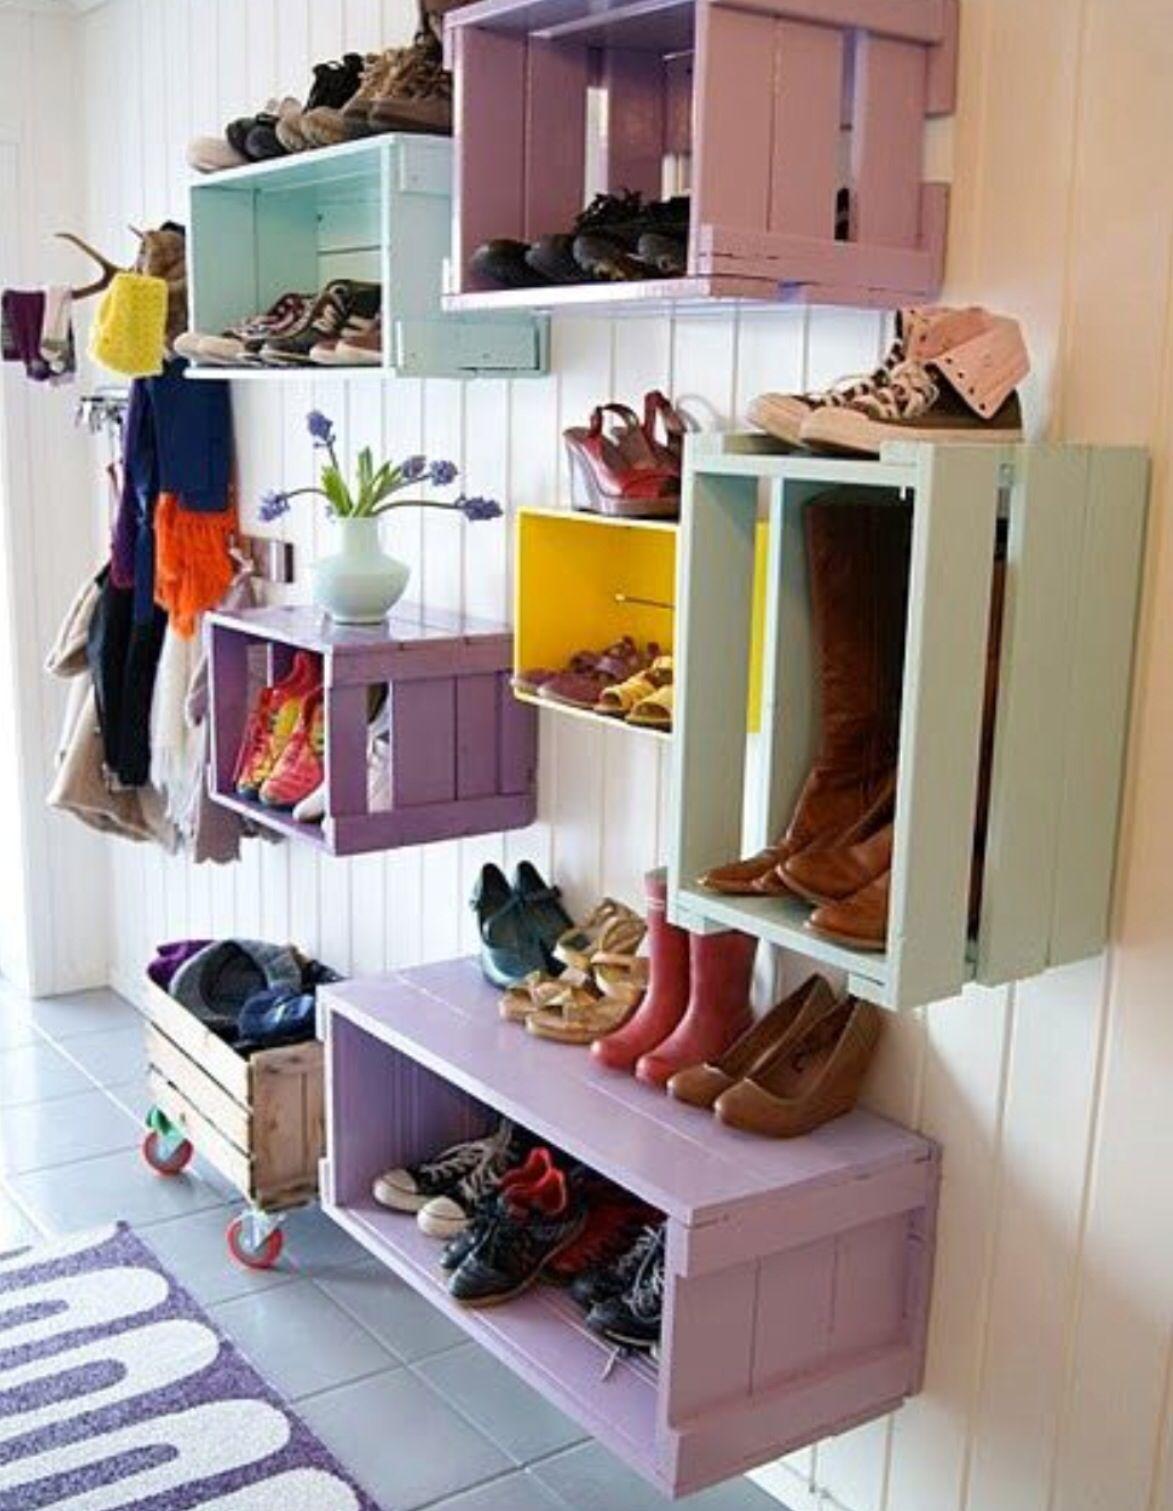 Otro Mueble Echo A Base De Cajas De Madera Y Pintado Con Colores  # Muebles De Jabas De Madera